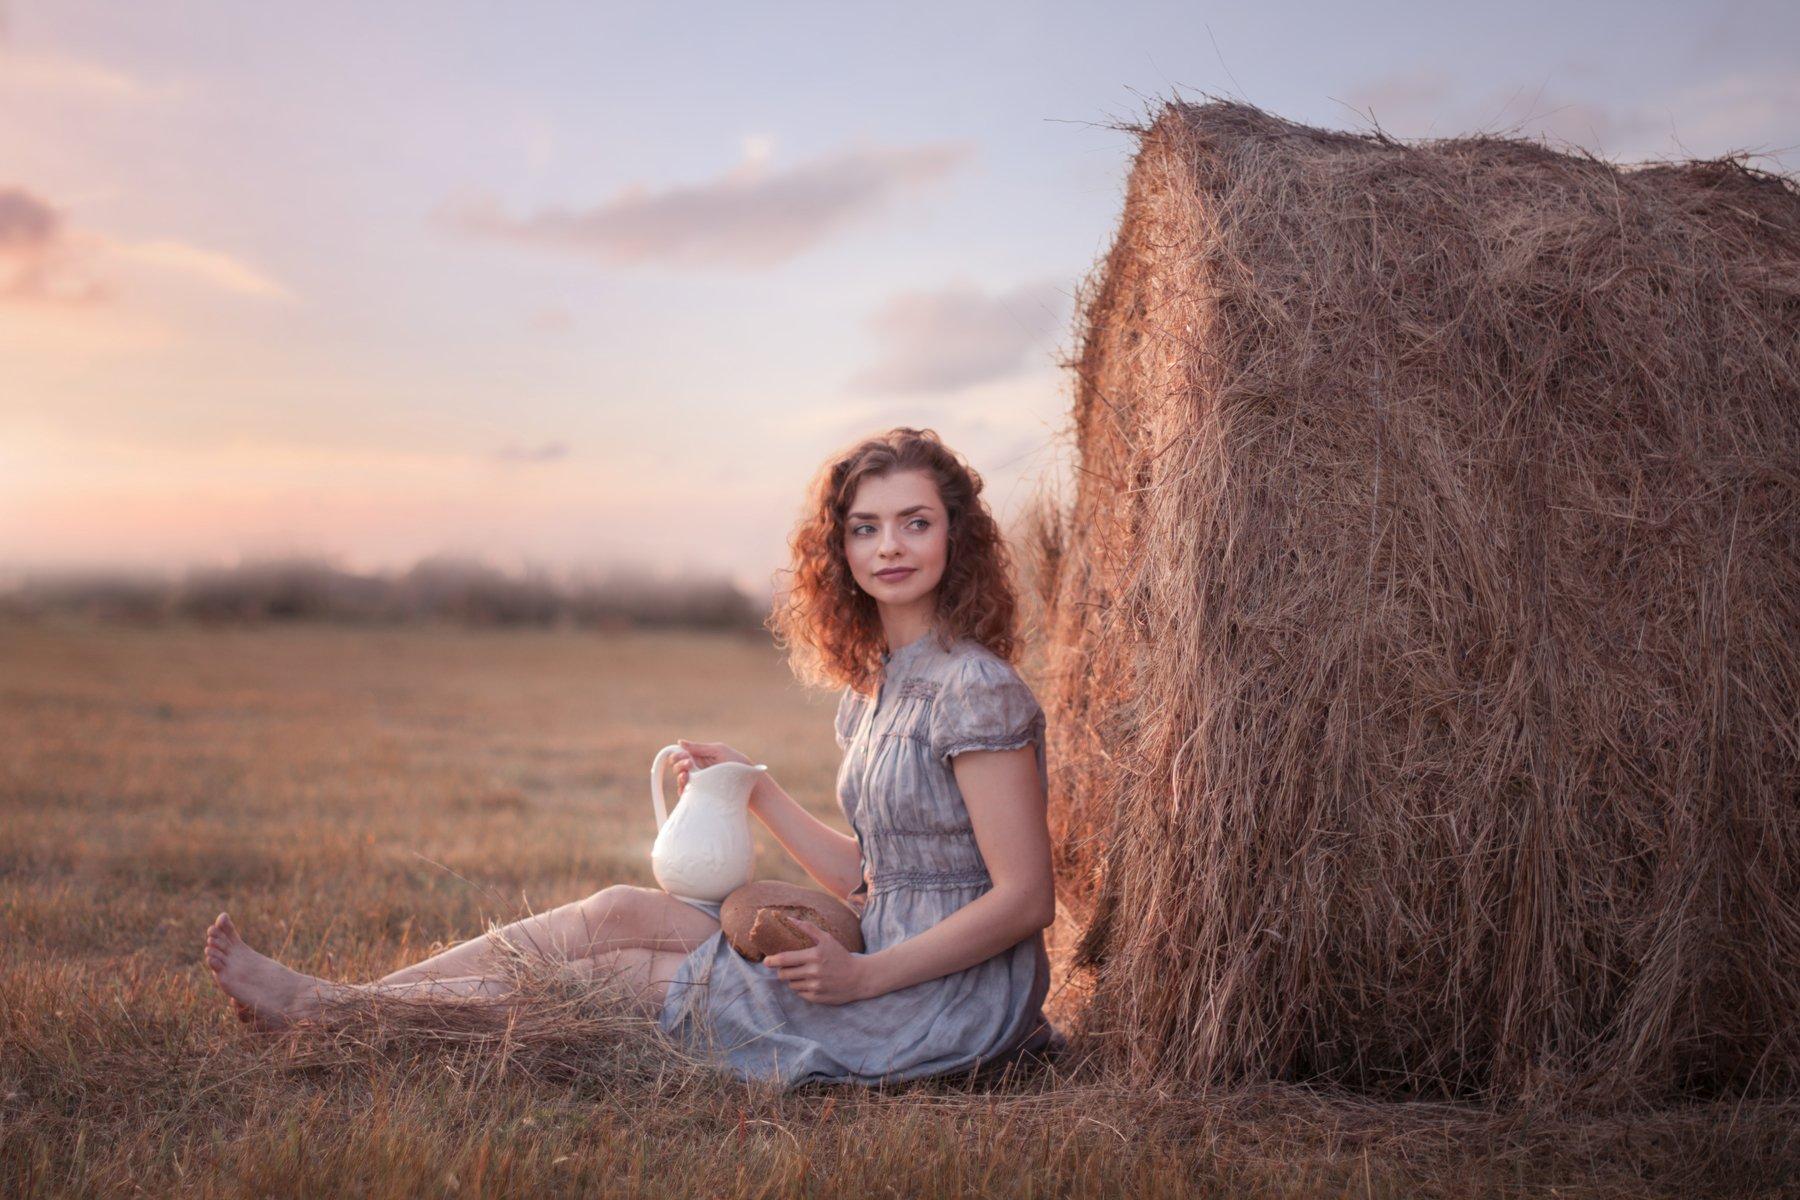 девушка, поле, лето, закат, тепло, красавица, summer, field, warm, sunset, girl, beautiful, Лобанова Екатерина